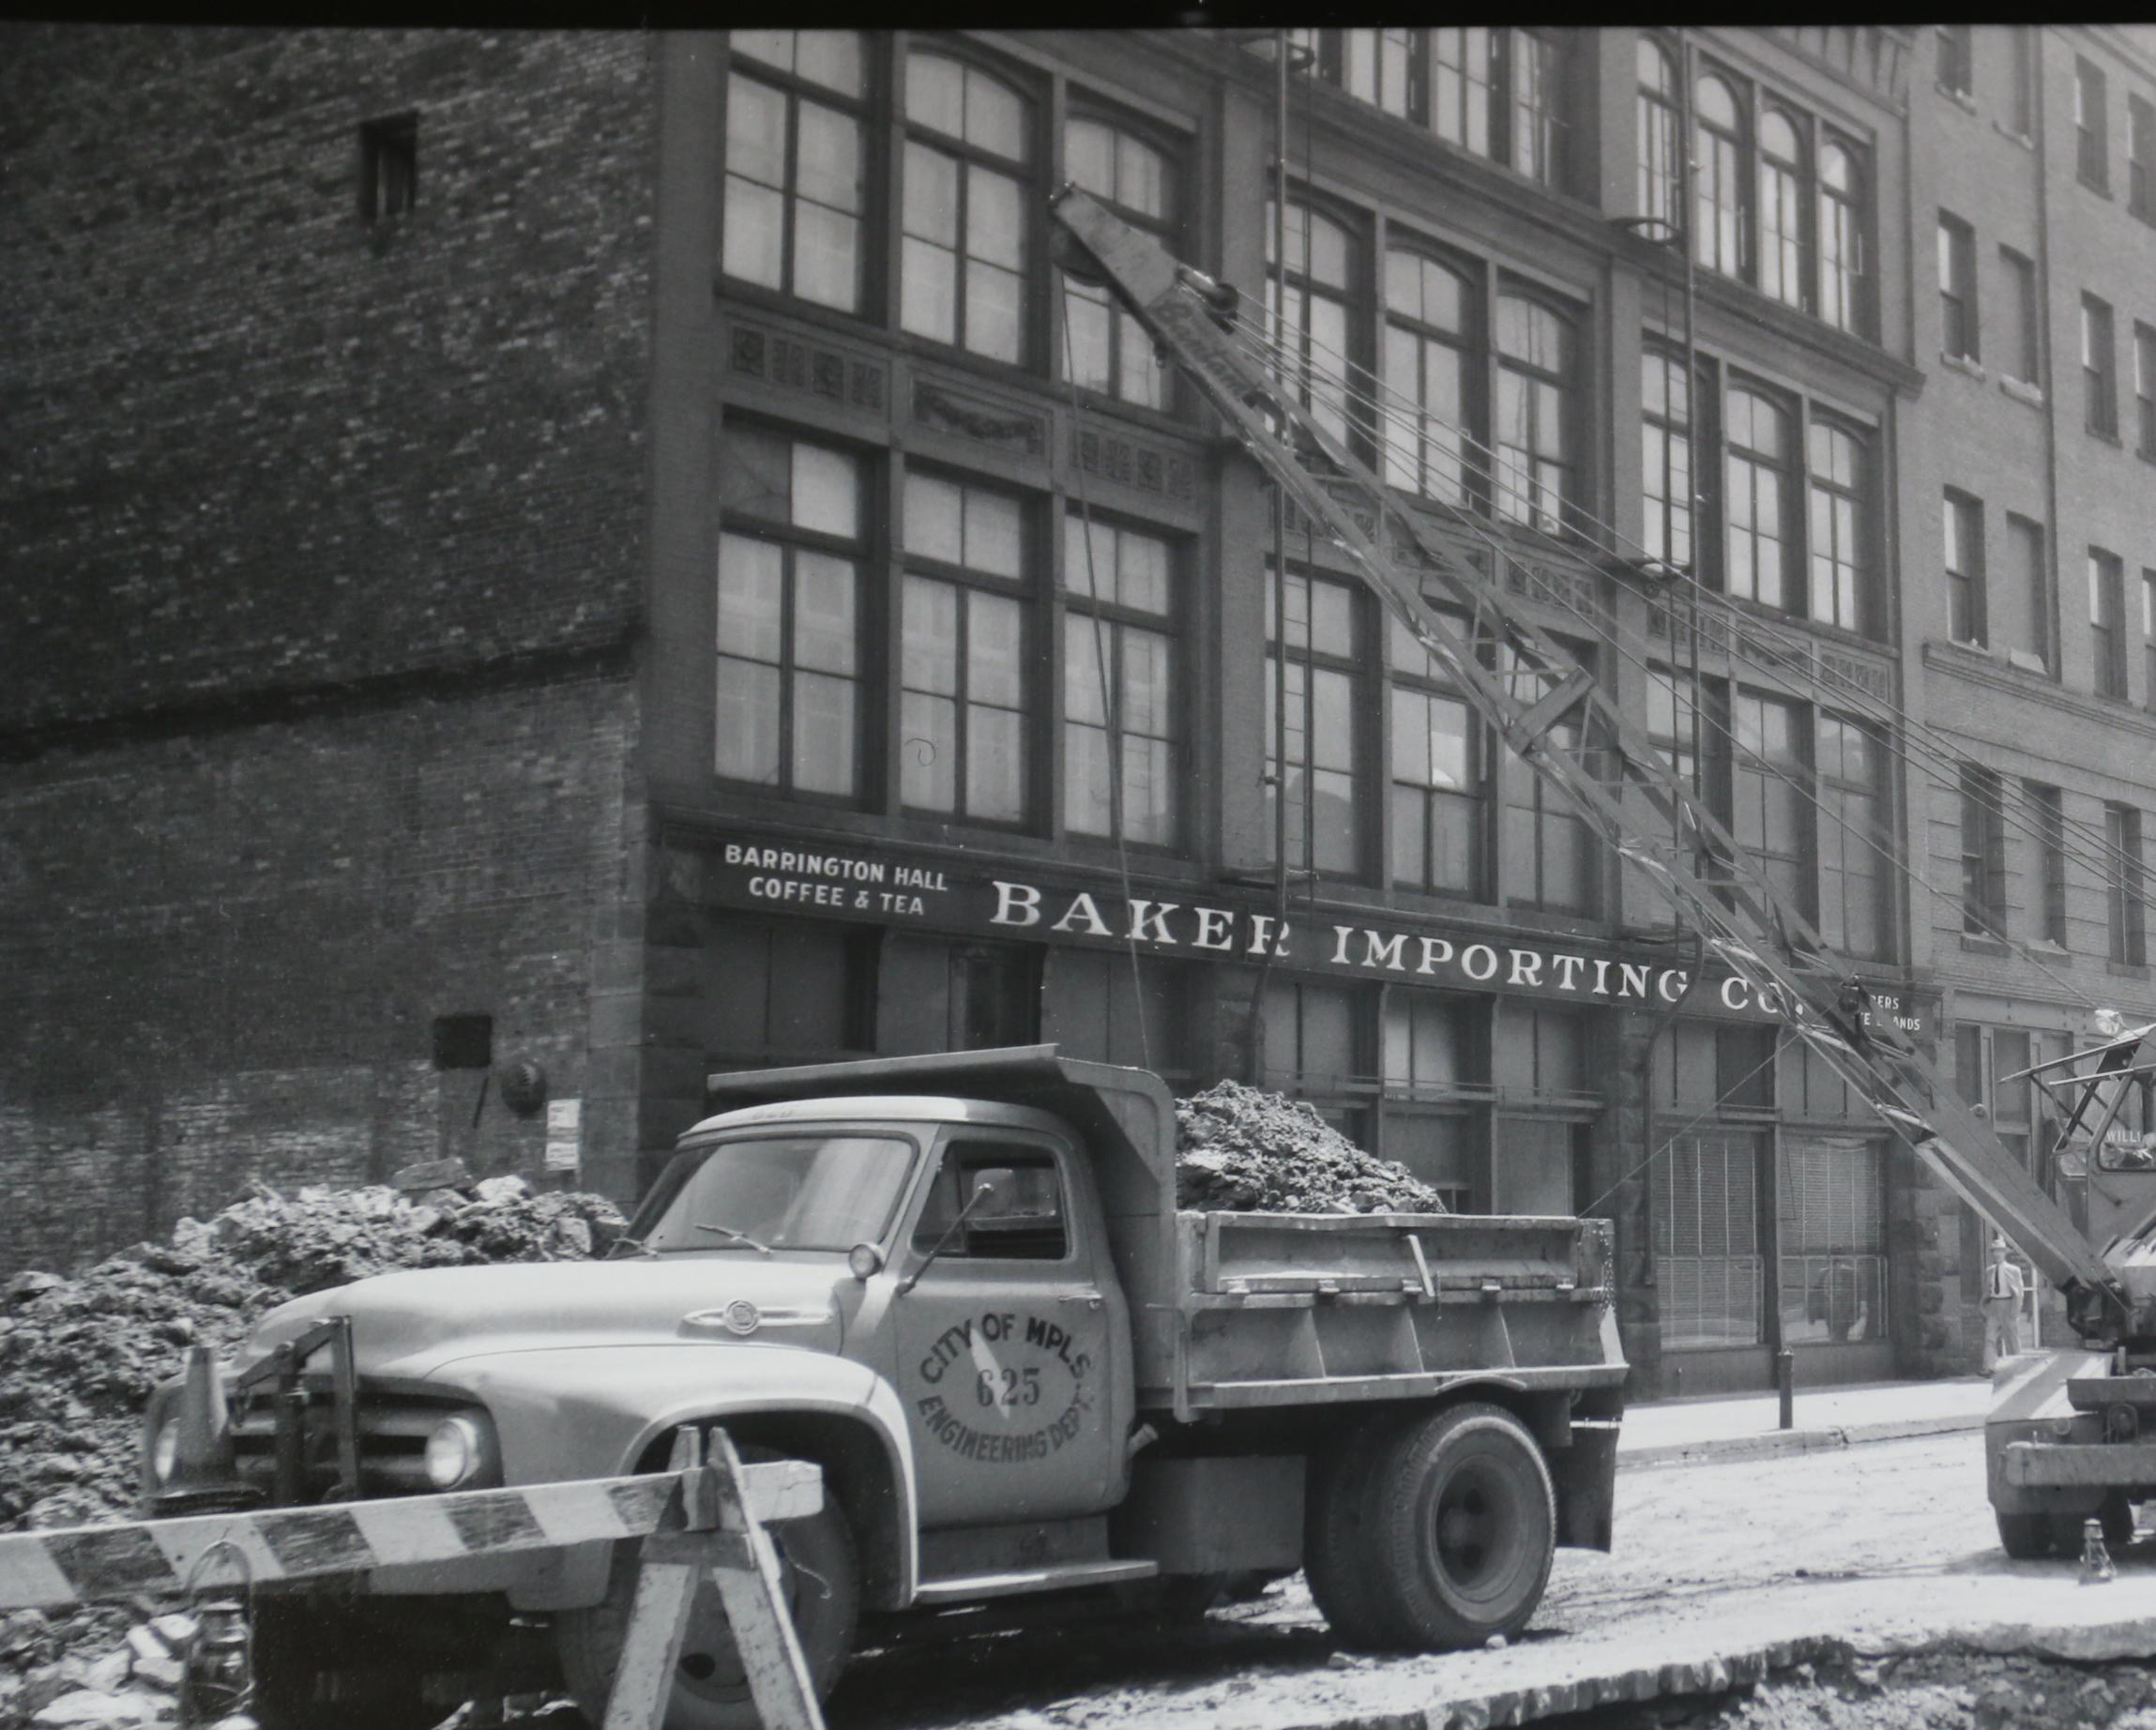 SmythBaker Importing 1956 building detail 2.jpg